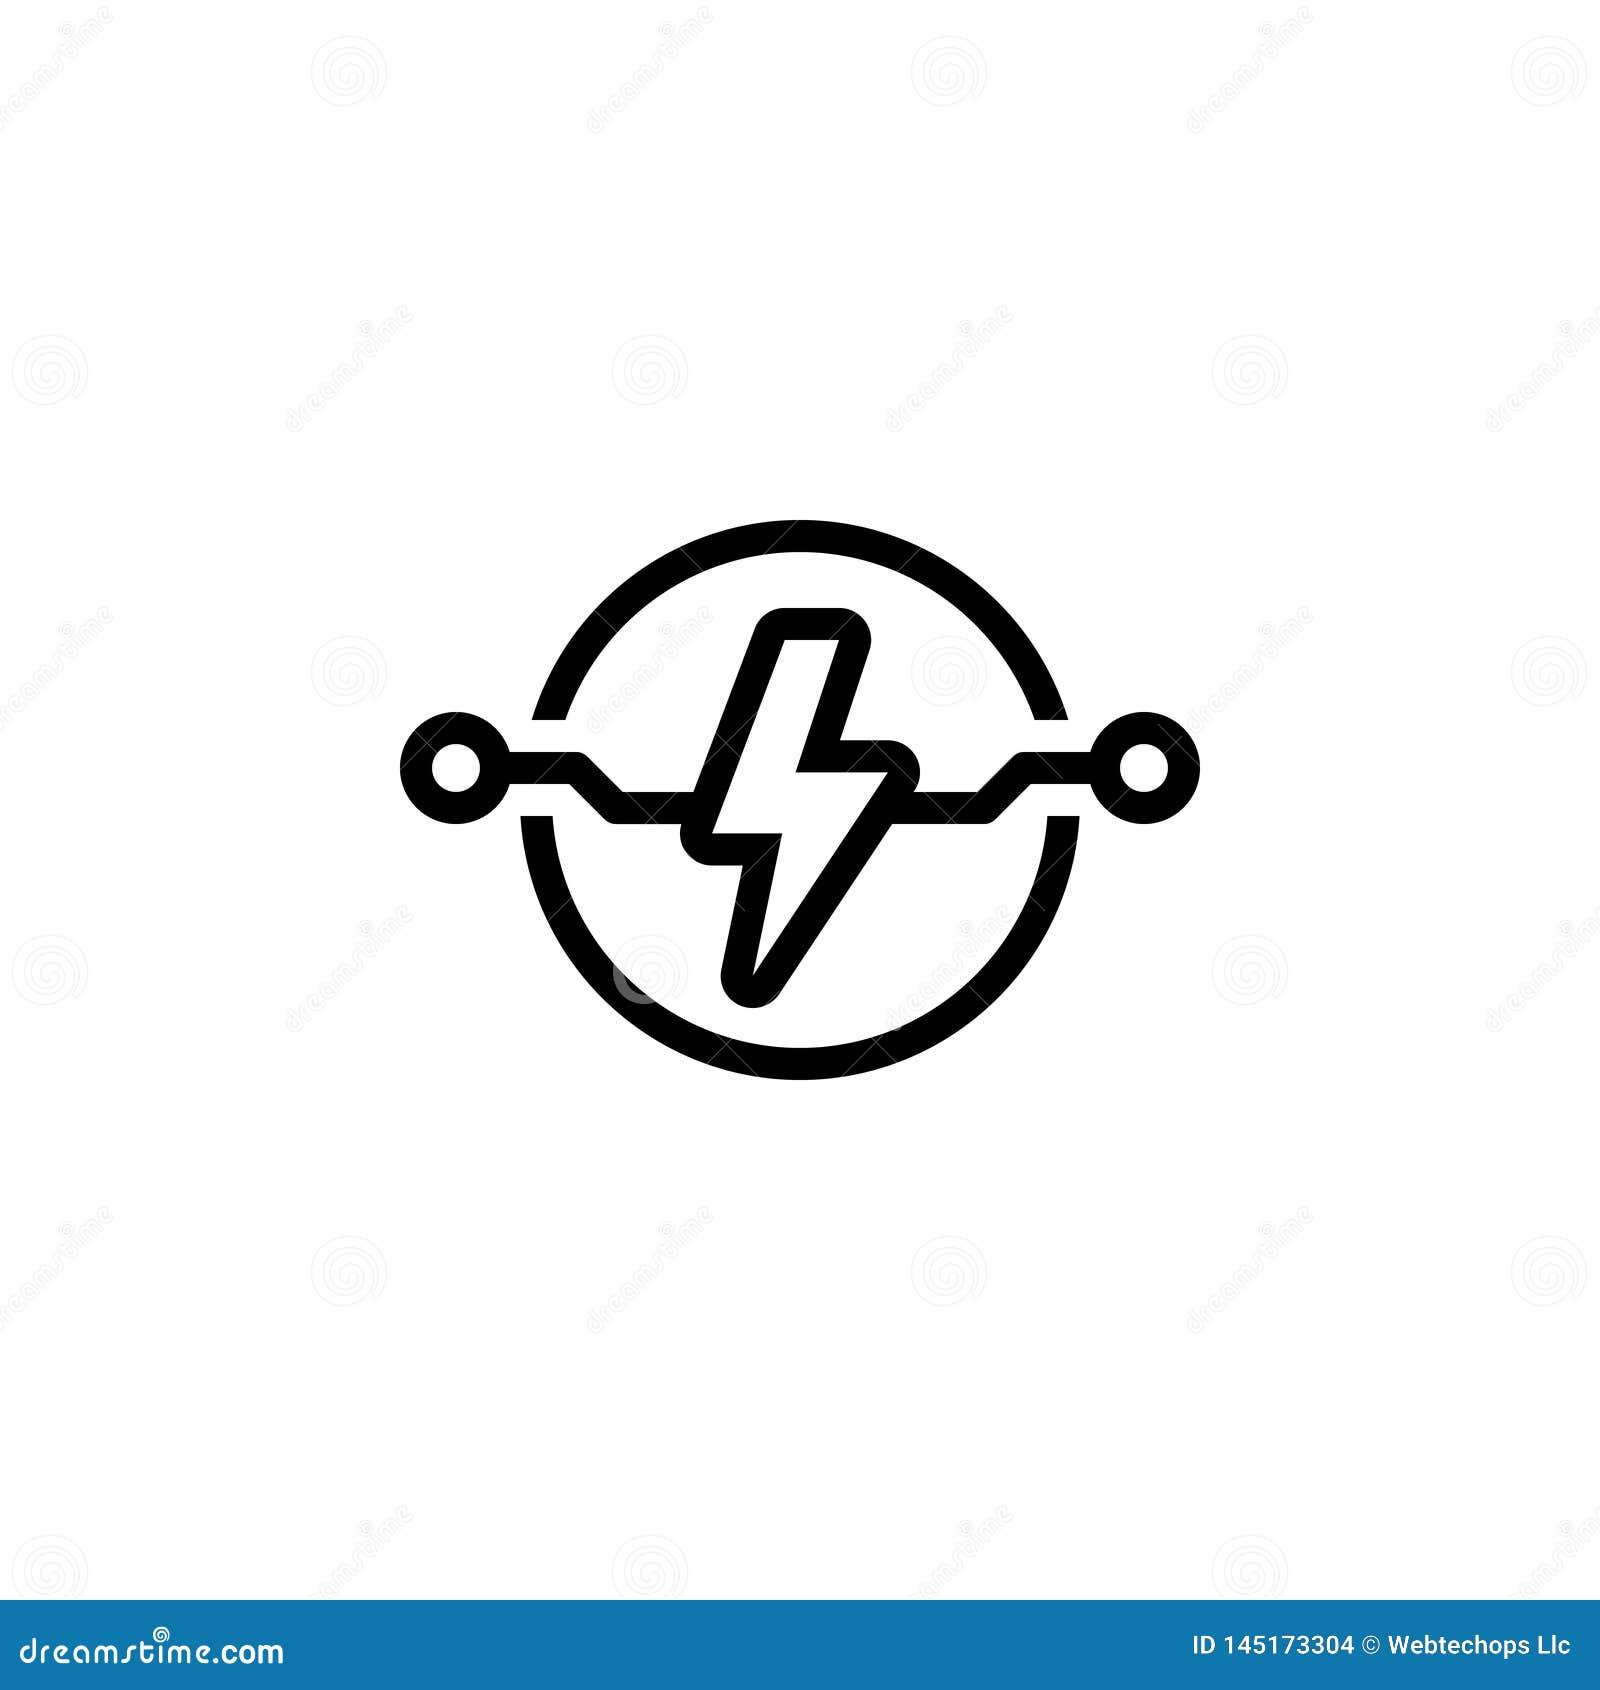 Svart linje symbol för elkraft, makt och elektricitet